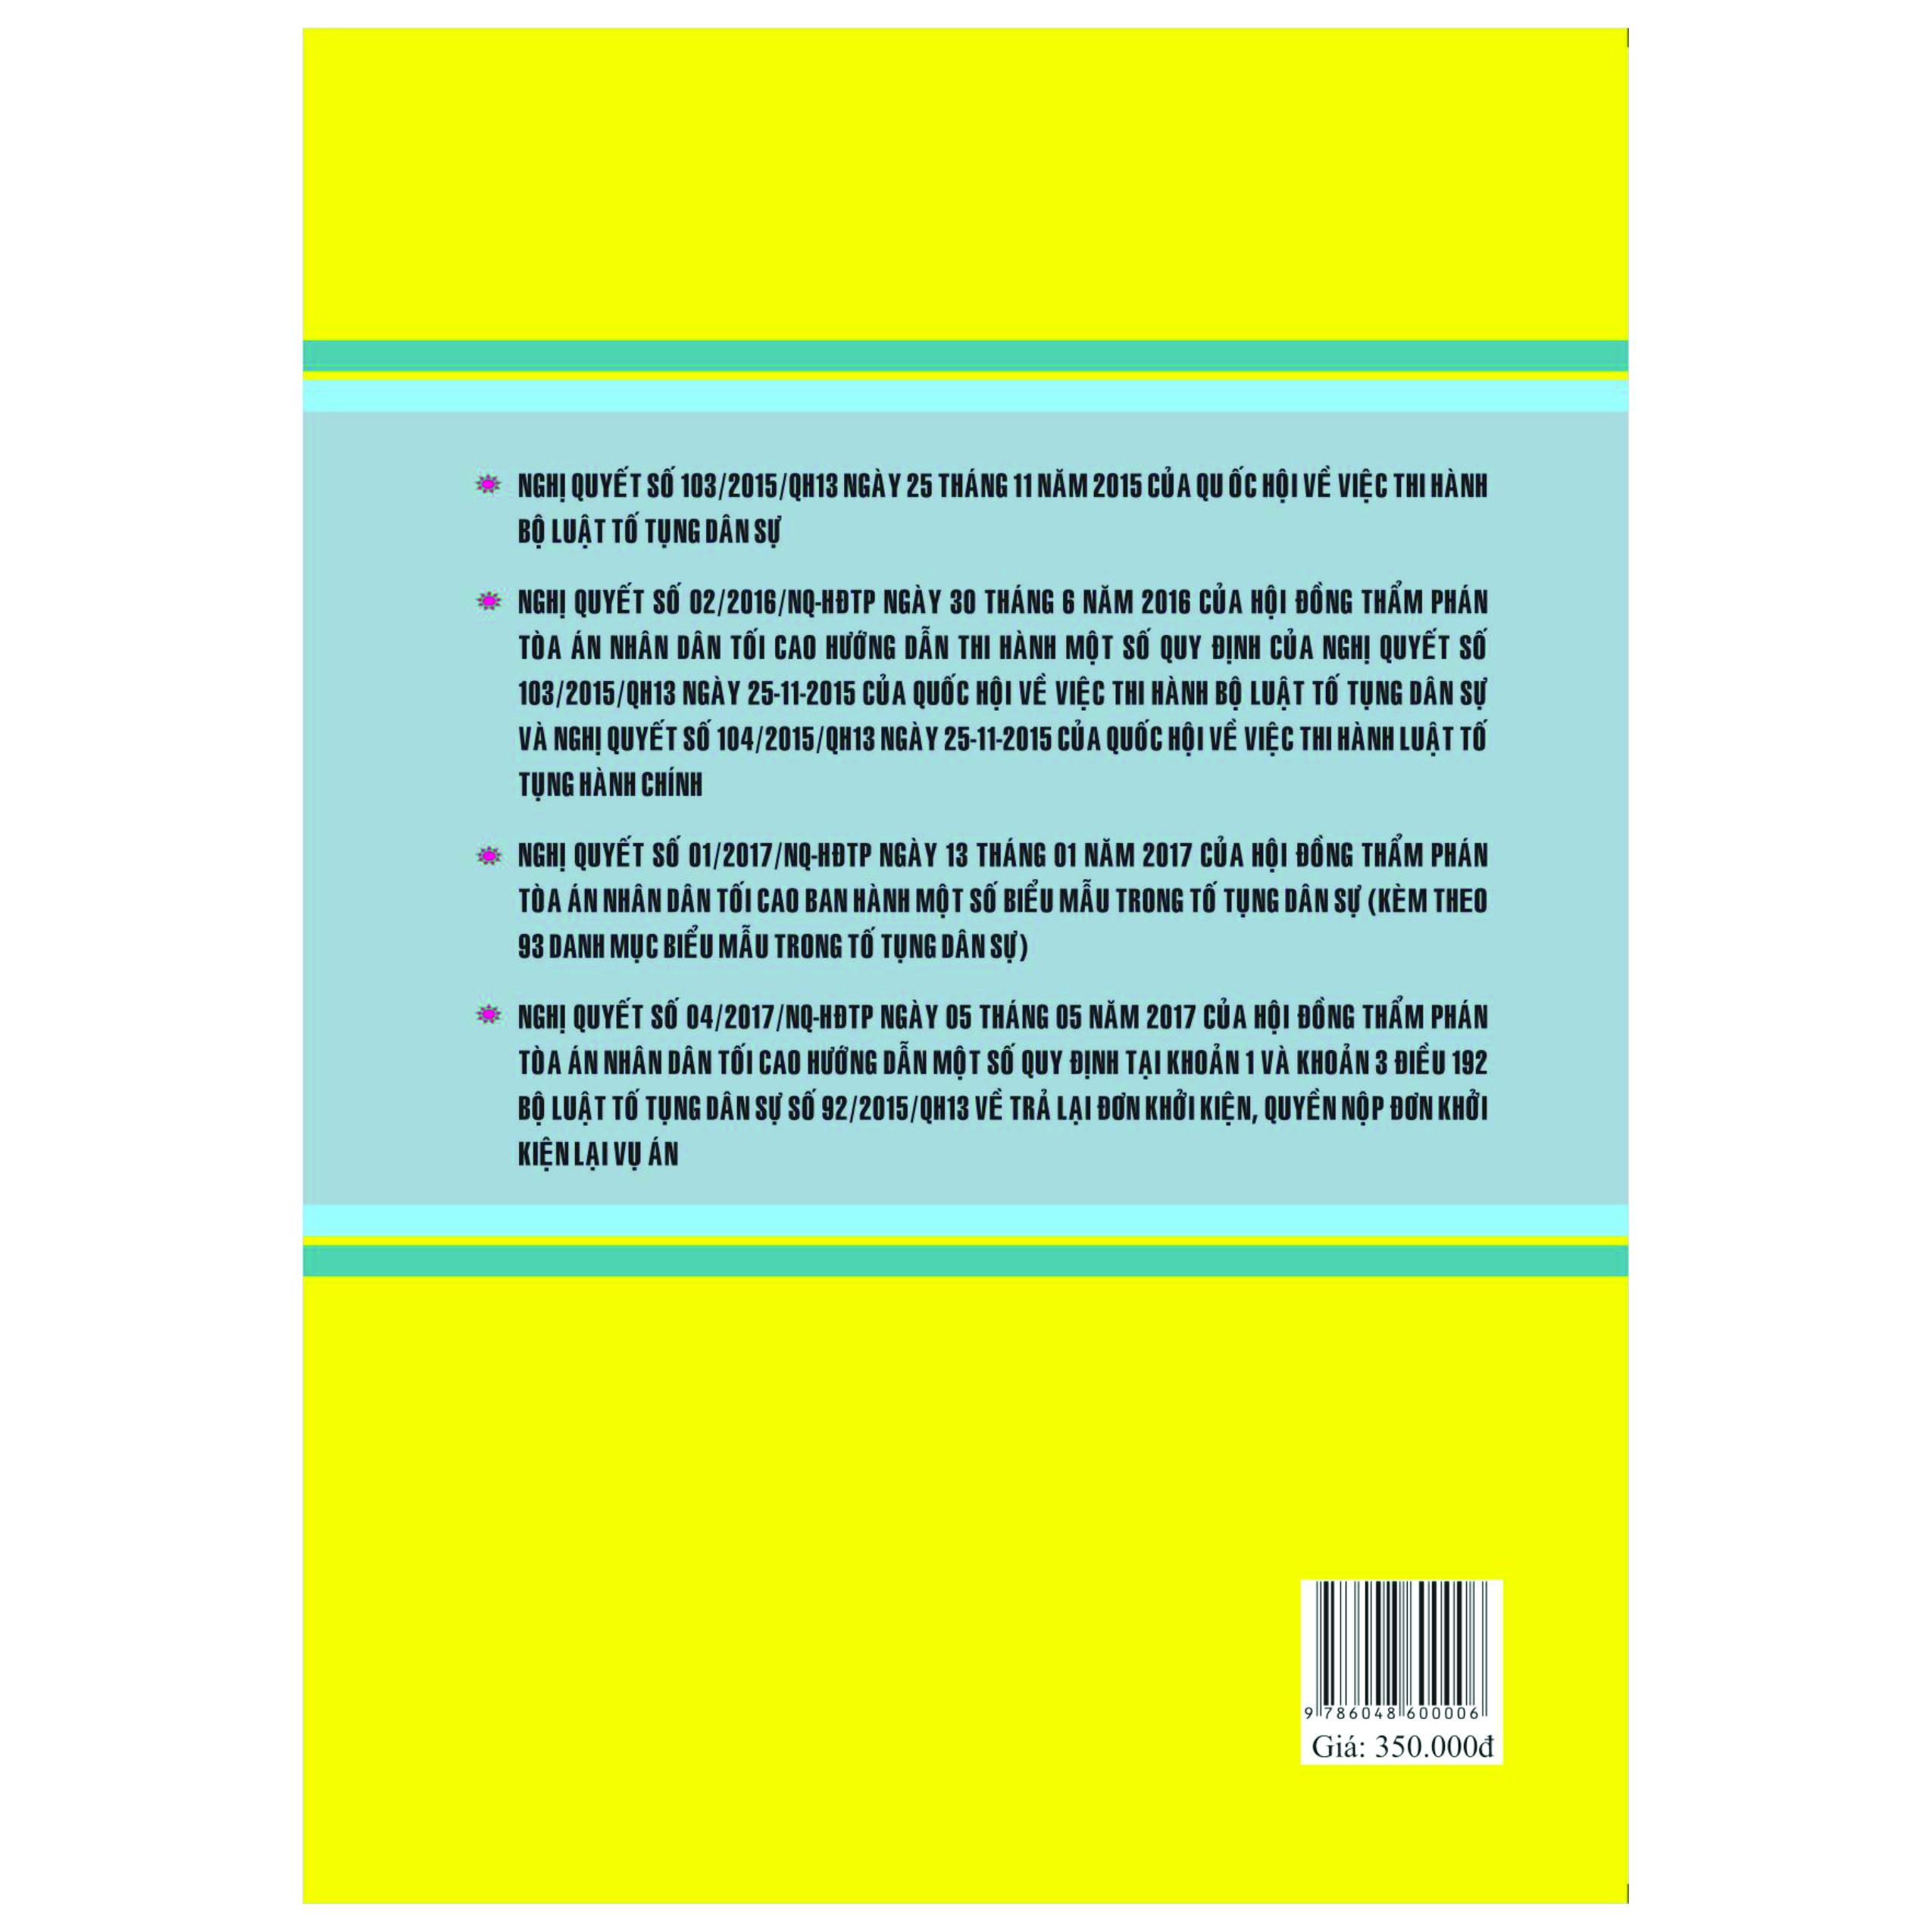 Bộ Luật Tố Tụng Dân Sự Năm 2015 và Văn Bản Hướng Dẫn Thi Hành